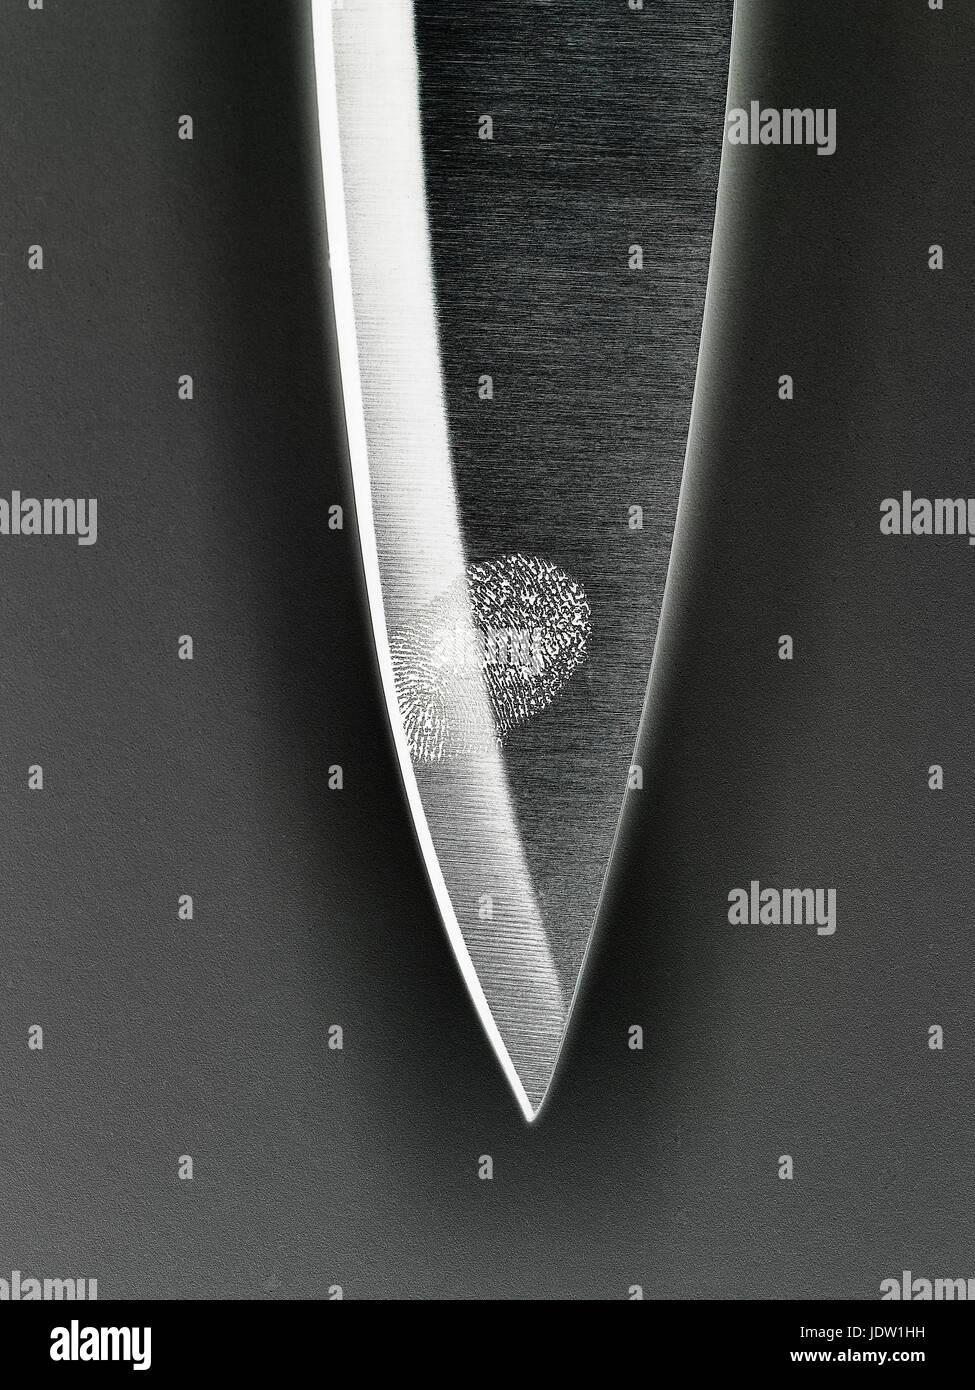 Close up of fingerprint on knife blade - Stock Image